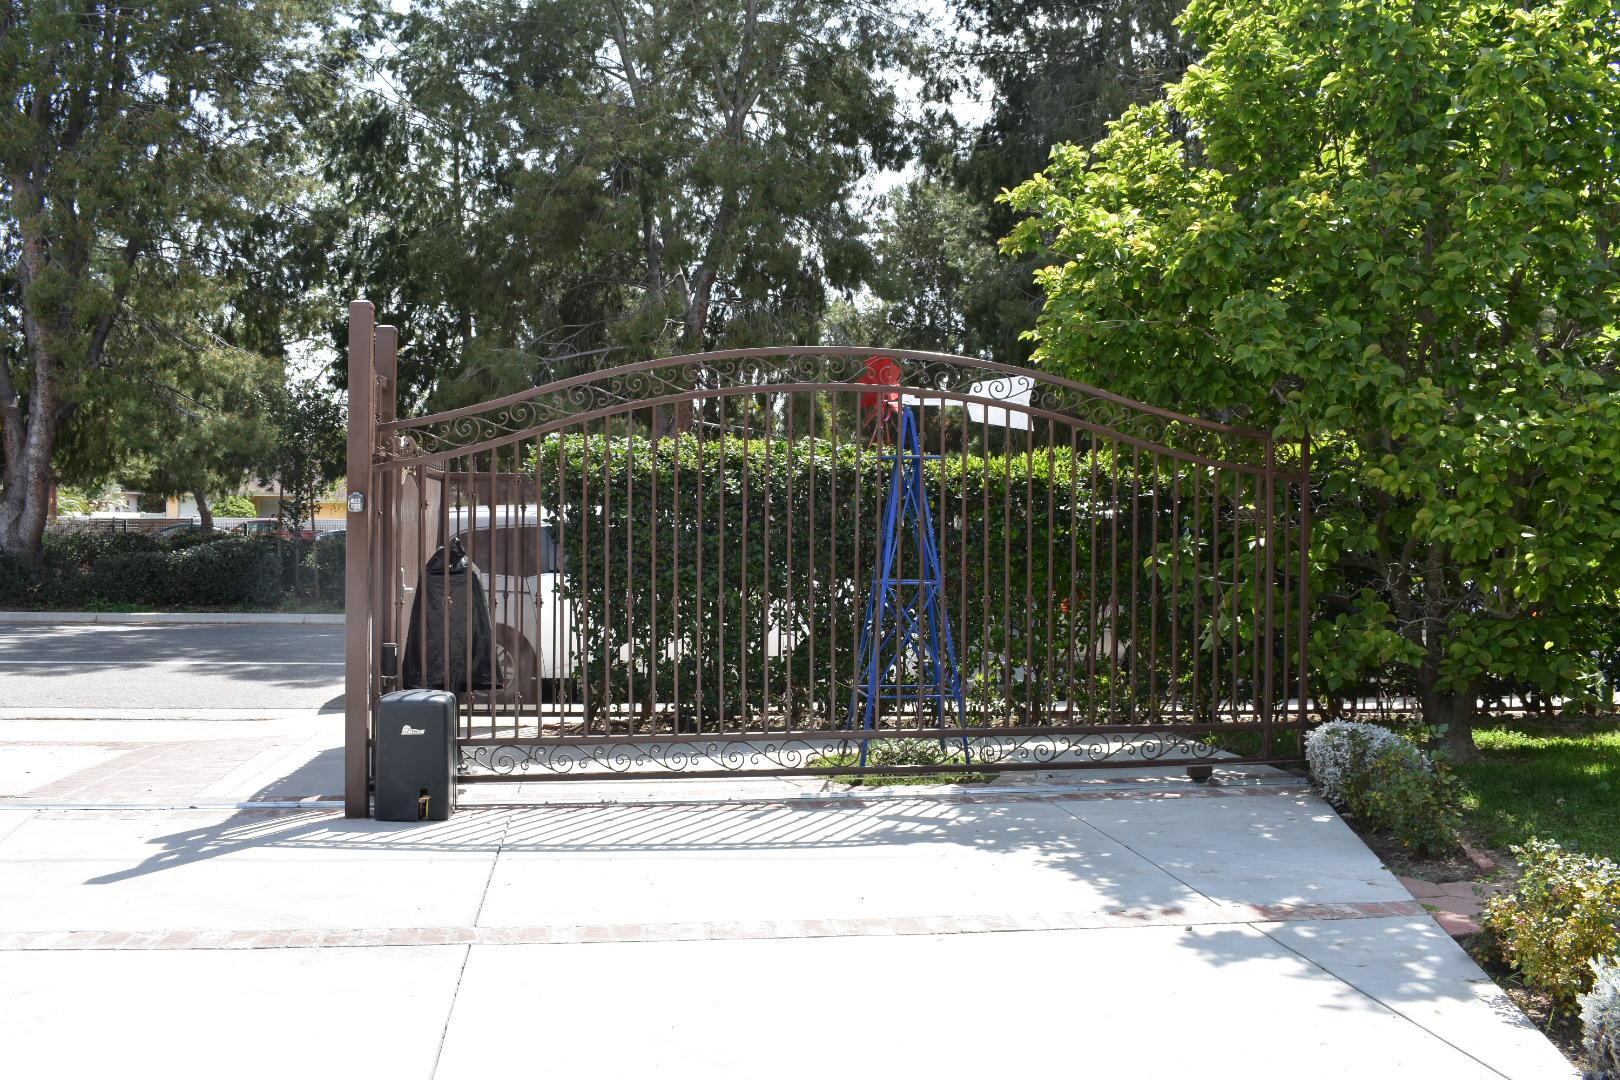 Electric Driveway Gate